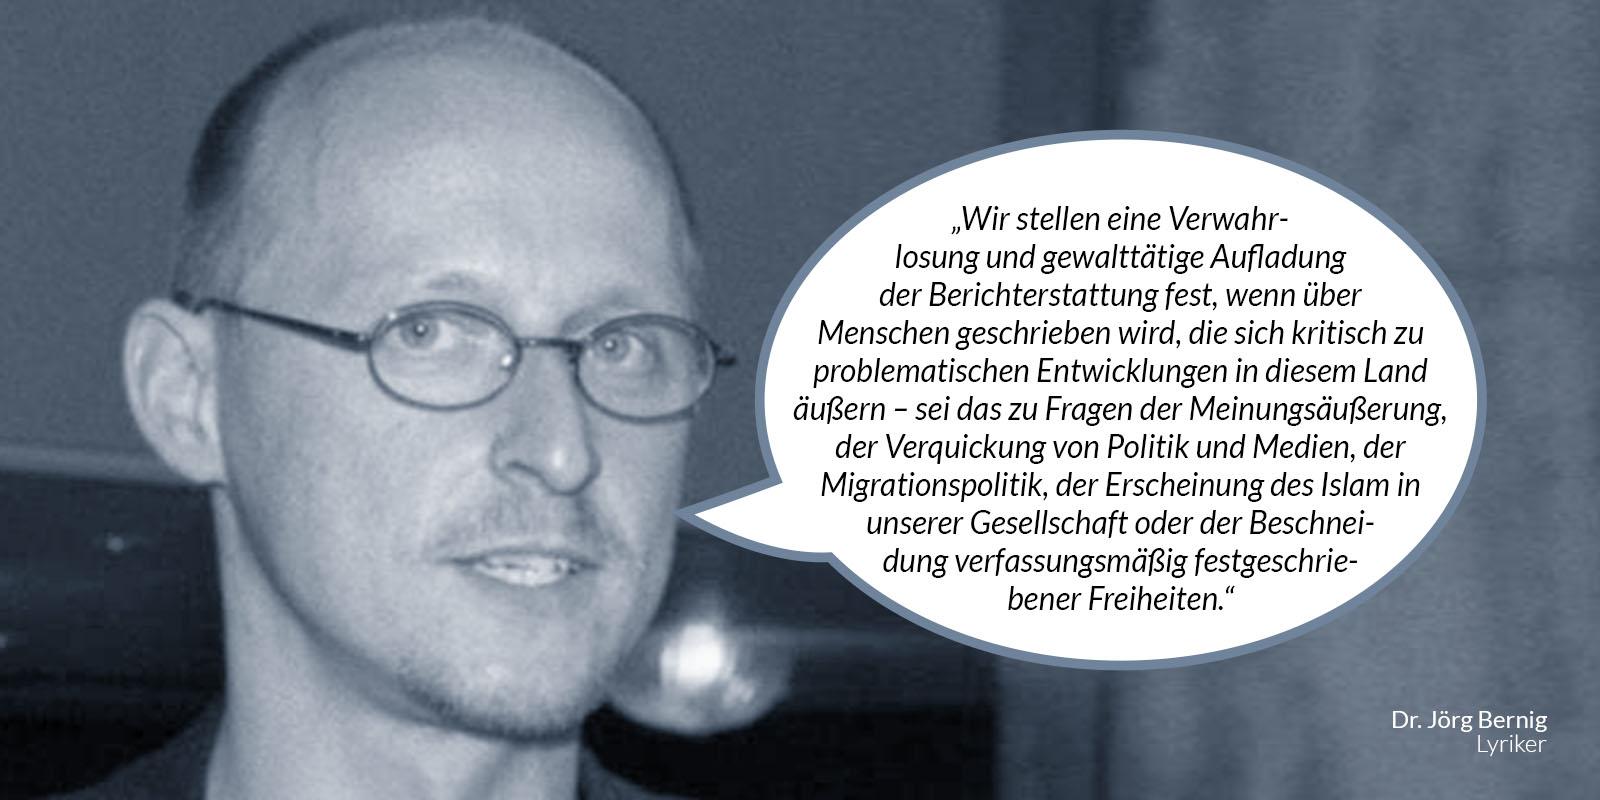 Dr. Jörg Bernig